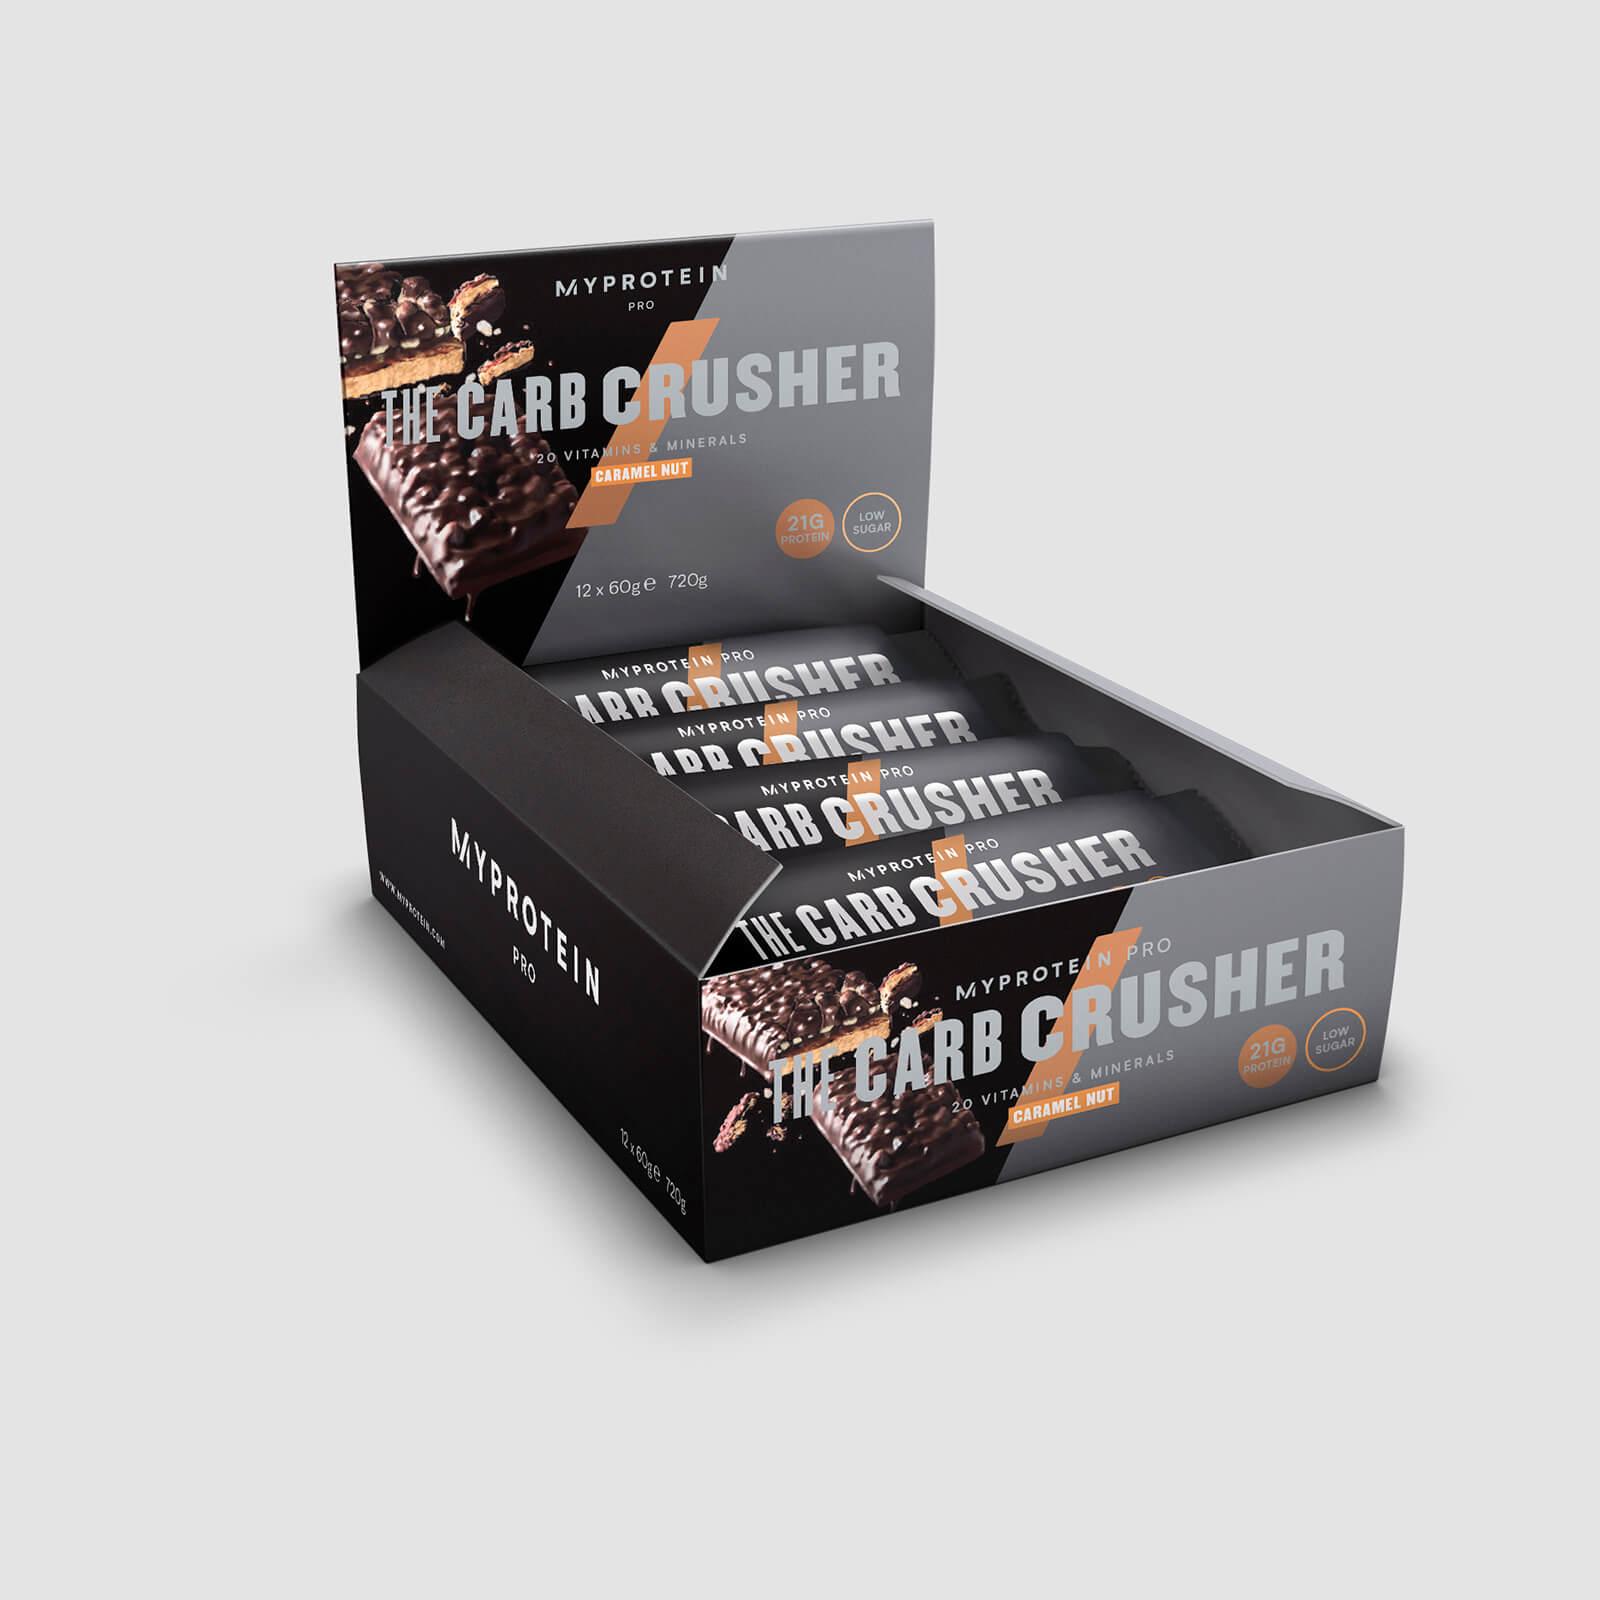 55% auf ausgewählte Produkte bei Myprotein: z.B. 12x 60g Carb Crusher für 11,39€ versandkostenfrei